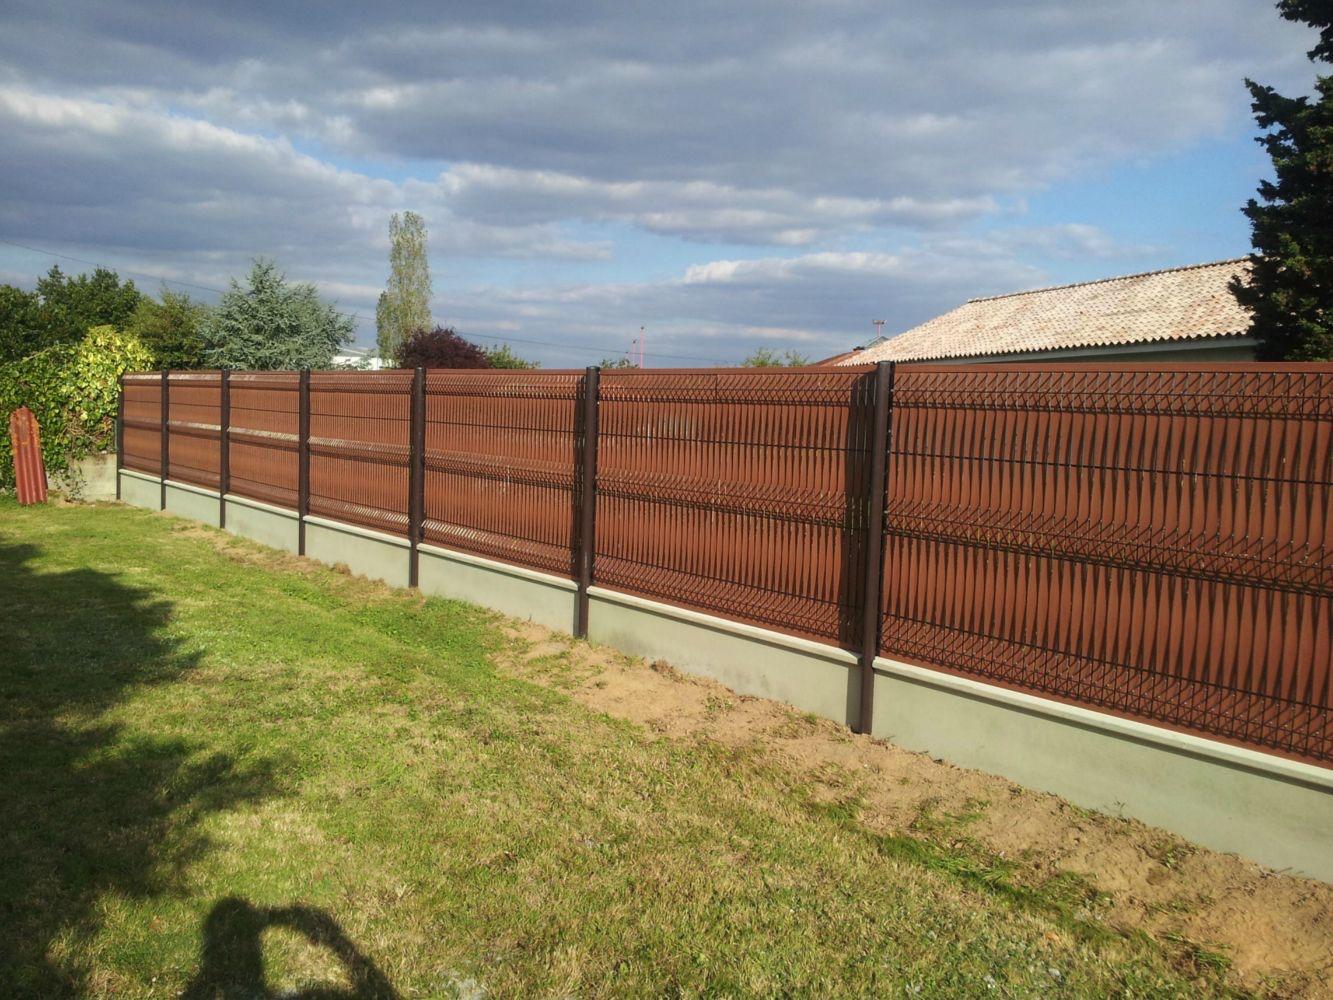 Cloture Jardin Pvc Pas Cher installation clôtures et portails | créatif jardins expert